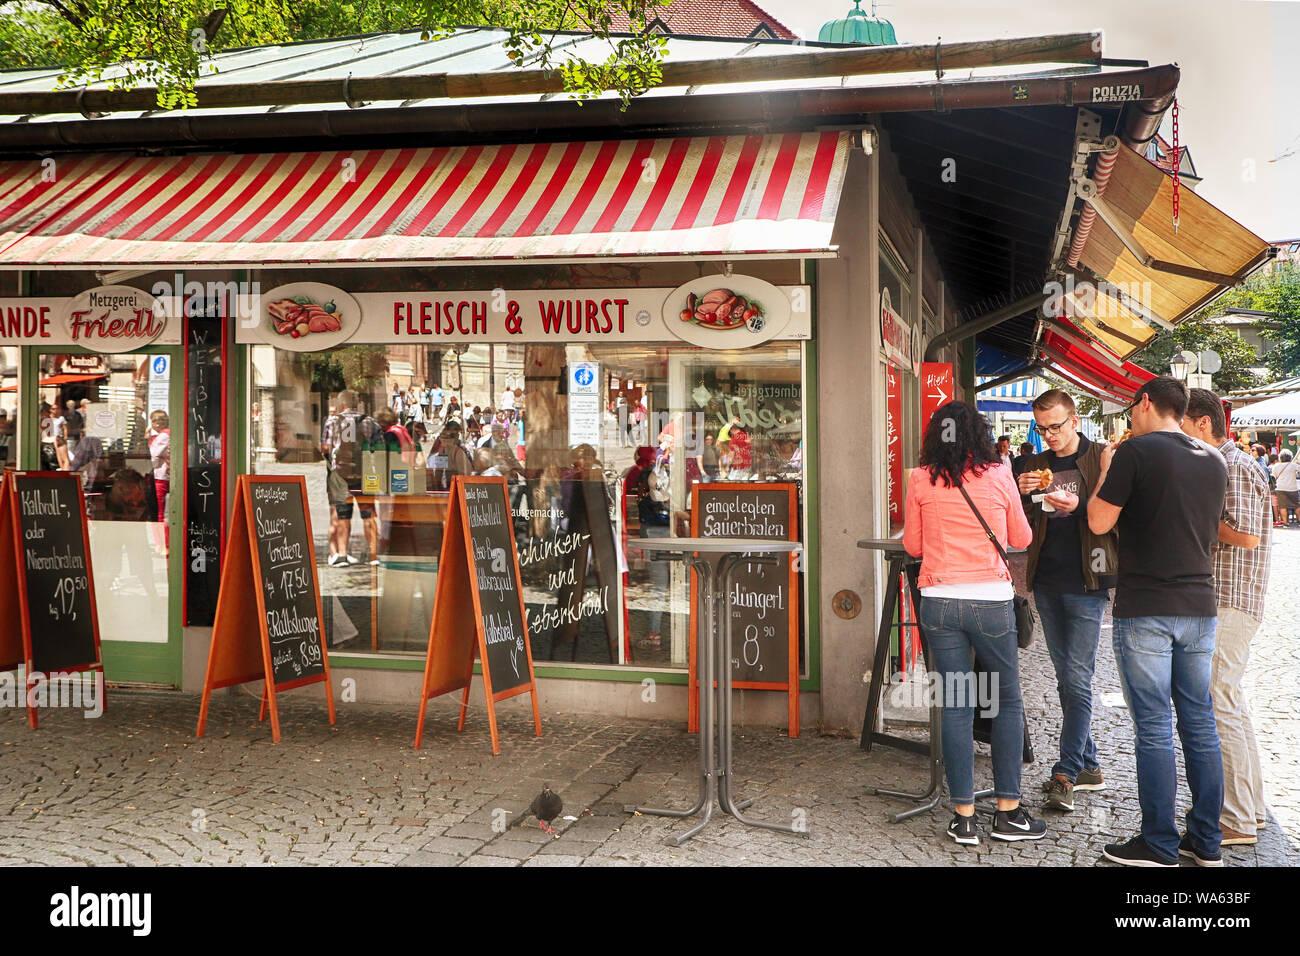 MUNICH, ALLEMAGNE- le 16 août 2019, au snack-bar propose des spécialités de saucisses bavaroises Viktualienmarkt pour un déjeuner rapide Banque D'Images